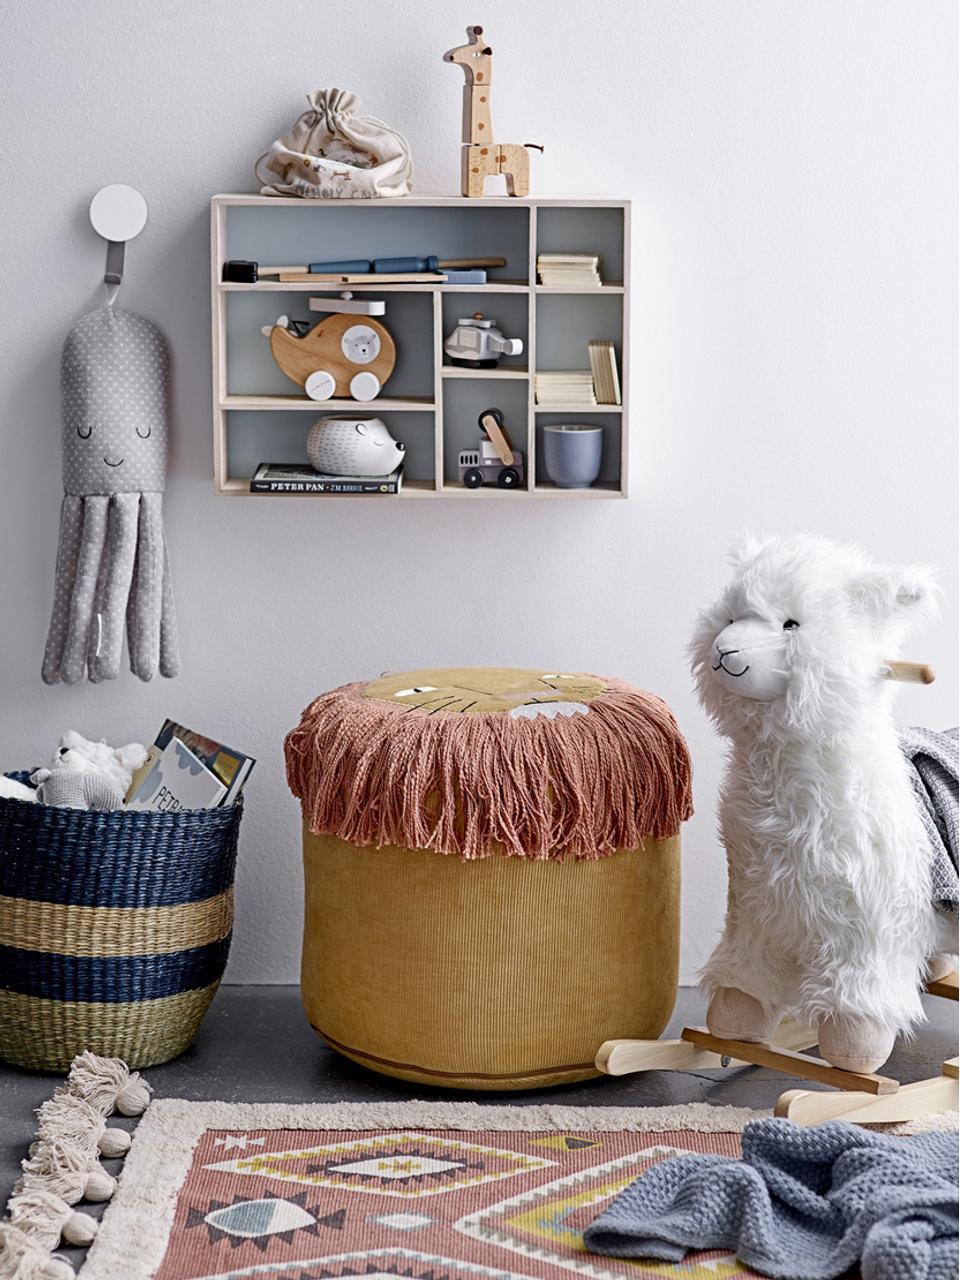 Dondolo Lama, Poliestere, legno di pioppo, Bianco, marrone, Larg. 65 x Alt. 70 cm